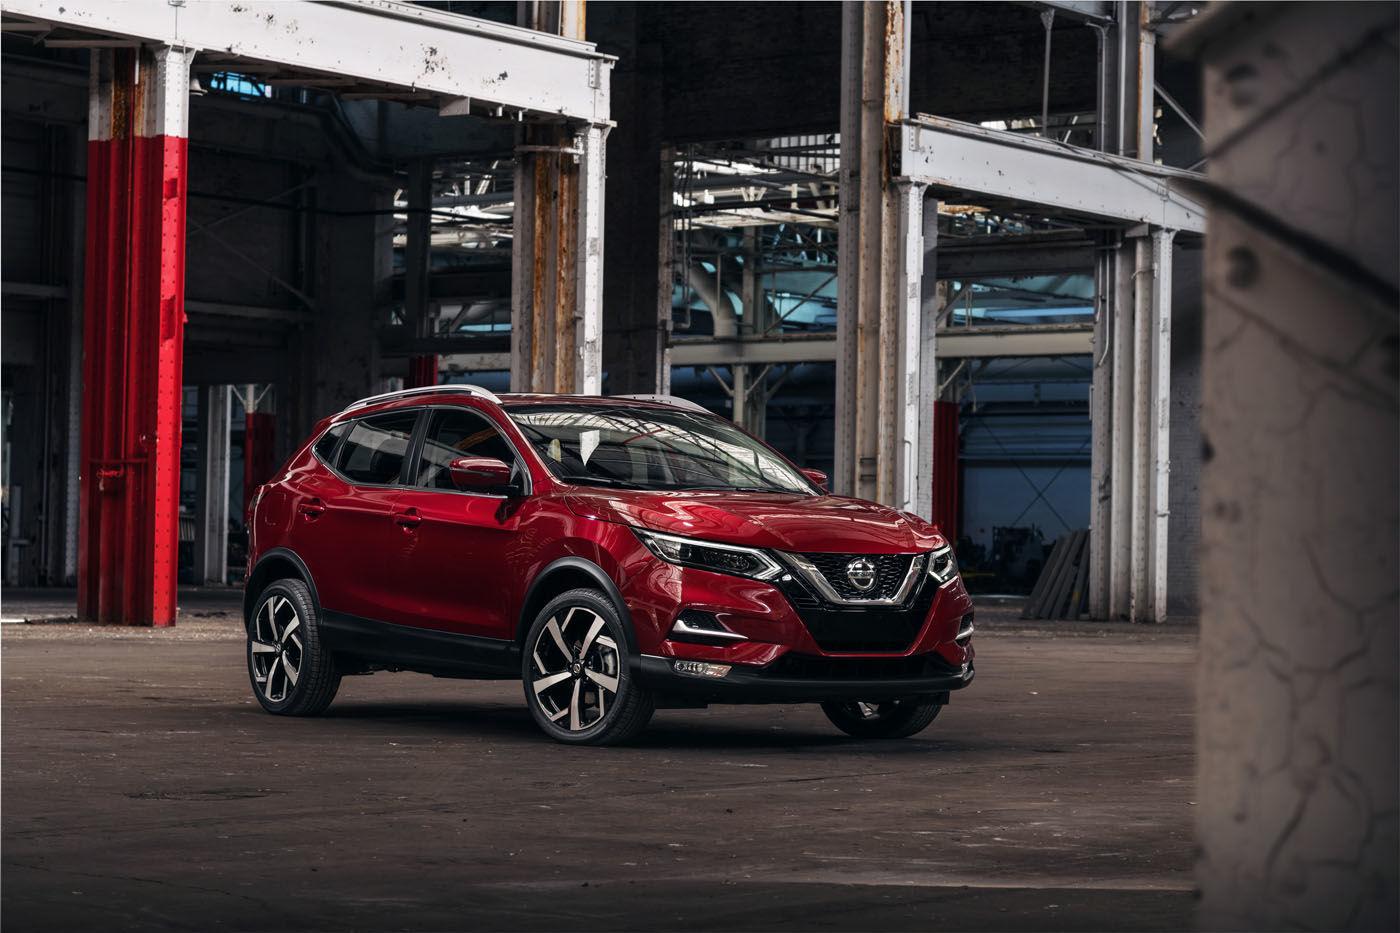 Voici le tout nouveau Nissan Qashqai 2020